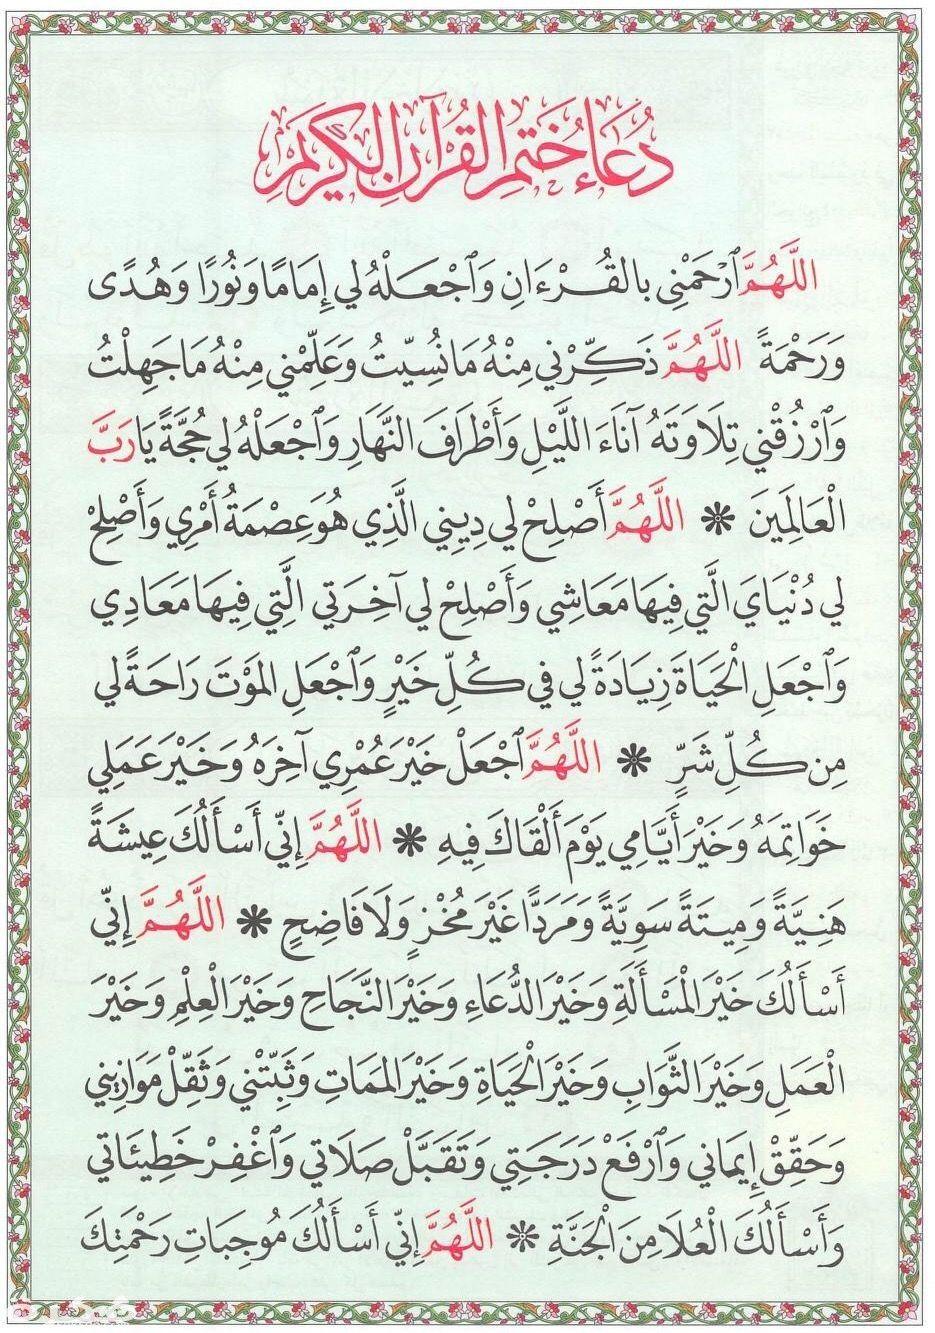 دعاء ختم القران الكريم في شهر رمضان دعاء ختم القران الكريم في شهر رمضان دعاء ختم قراءة القران الكريم في شهر ر Beautiful Quran Quotes Islam Facts Quran Verses